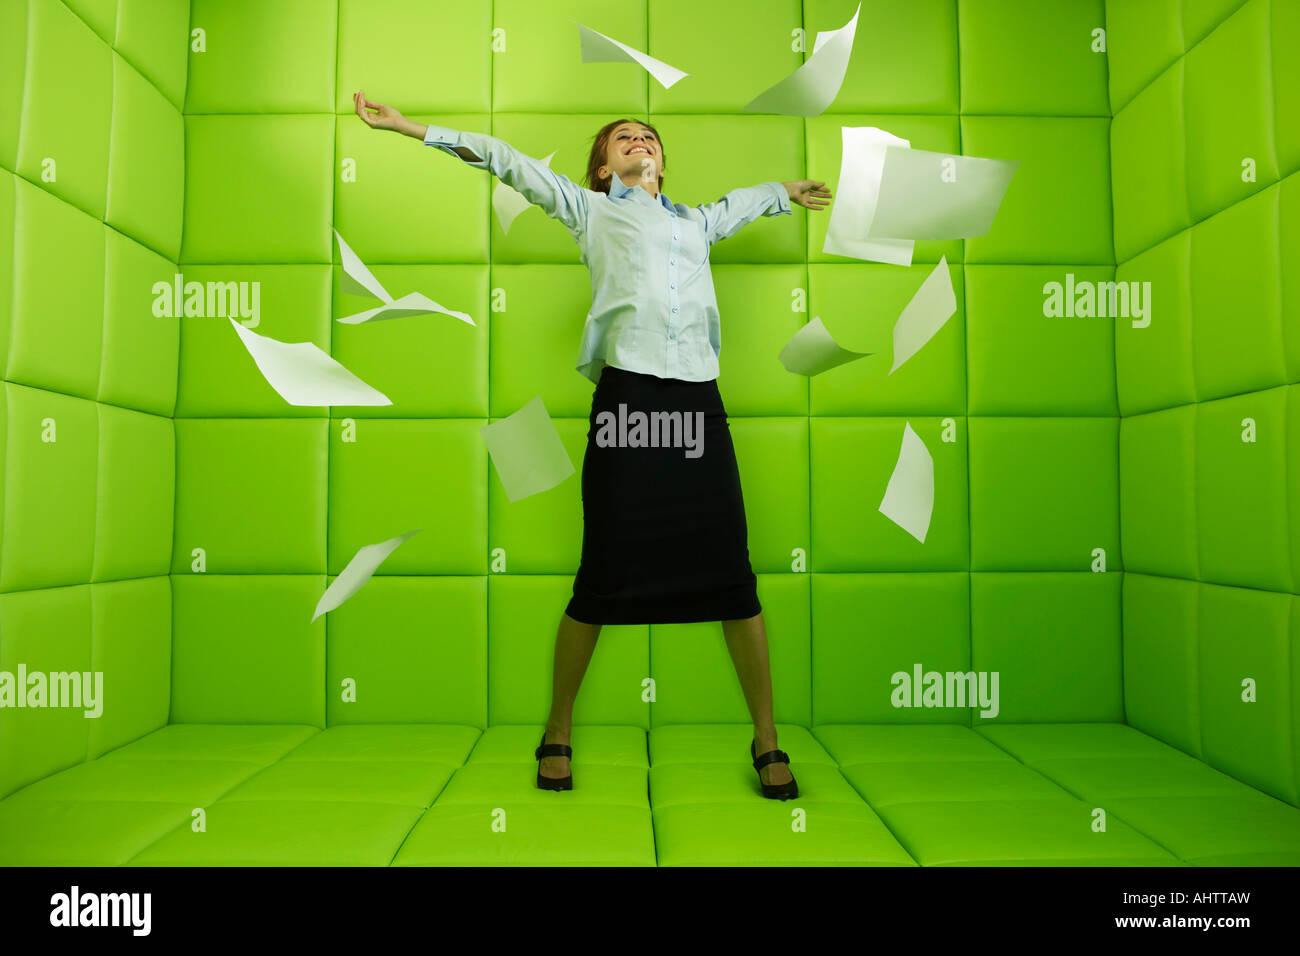 Donna gettando carte intorno al verde cella imbottita Immagini Stock